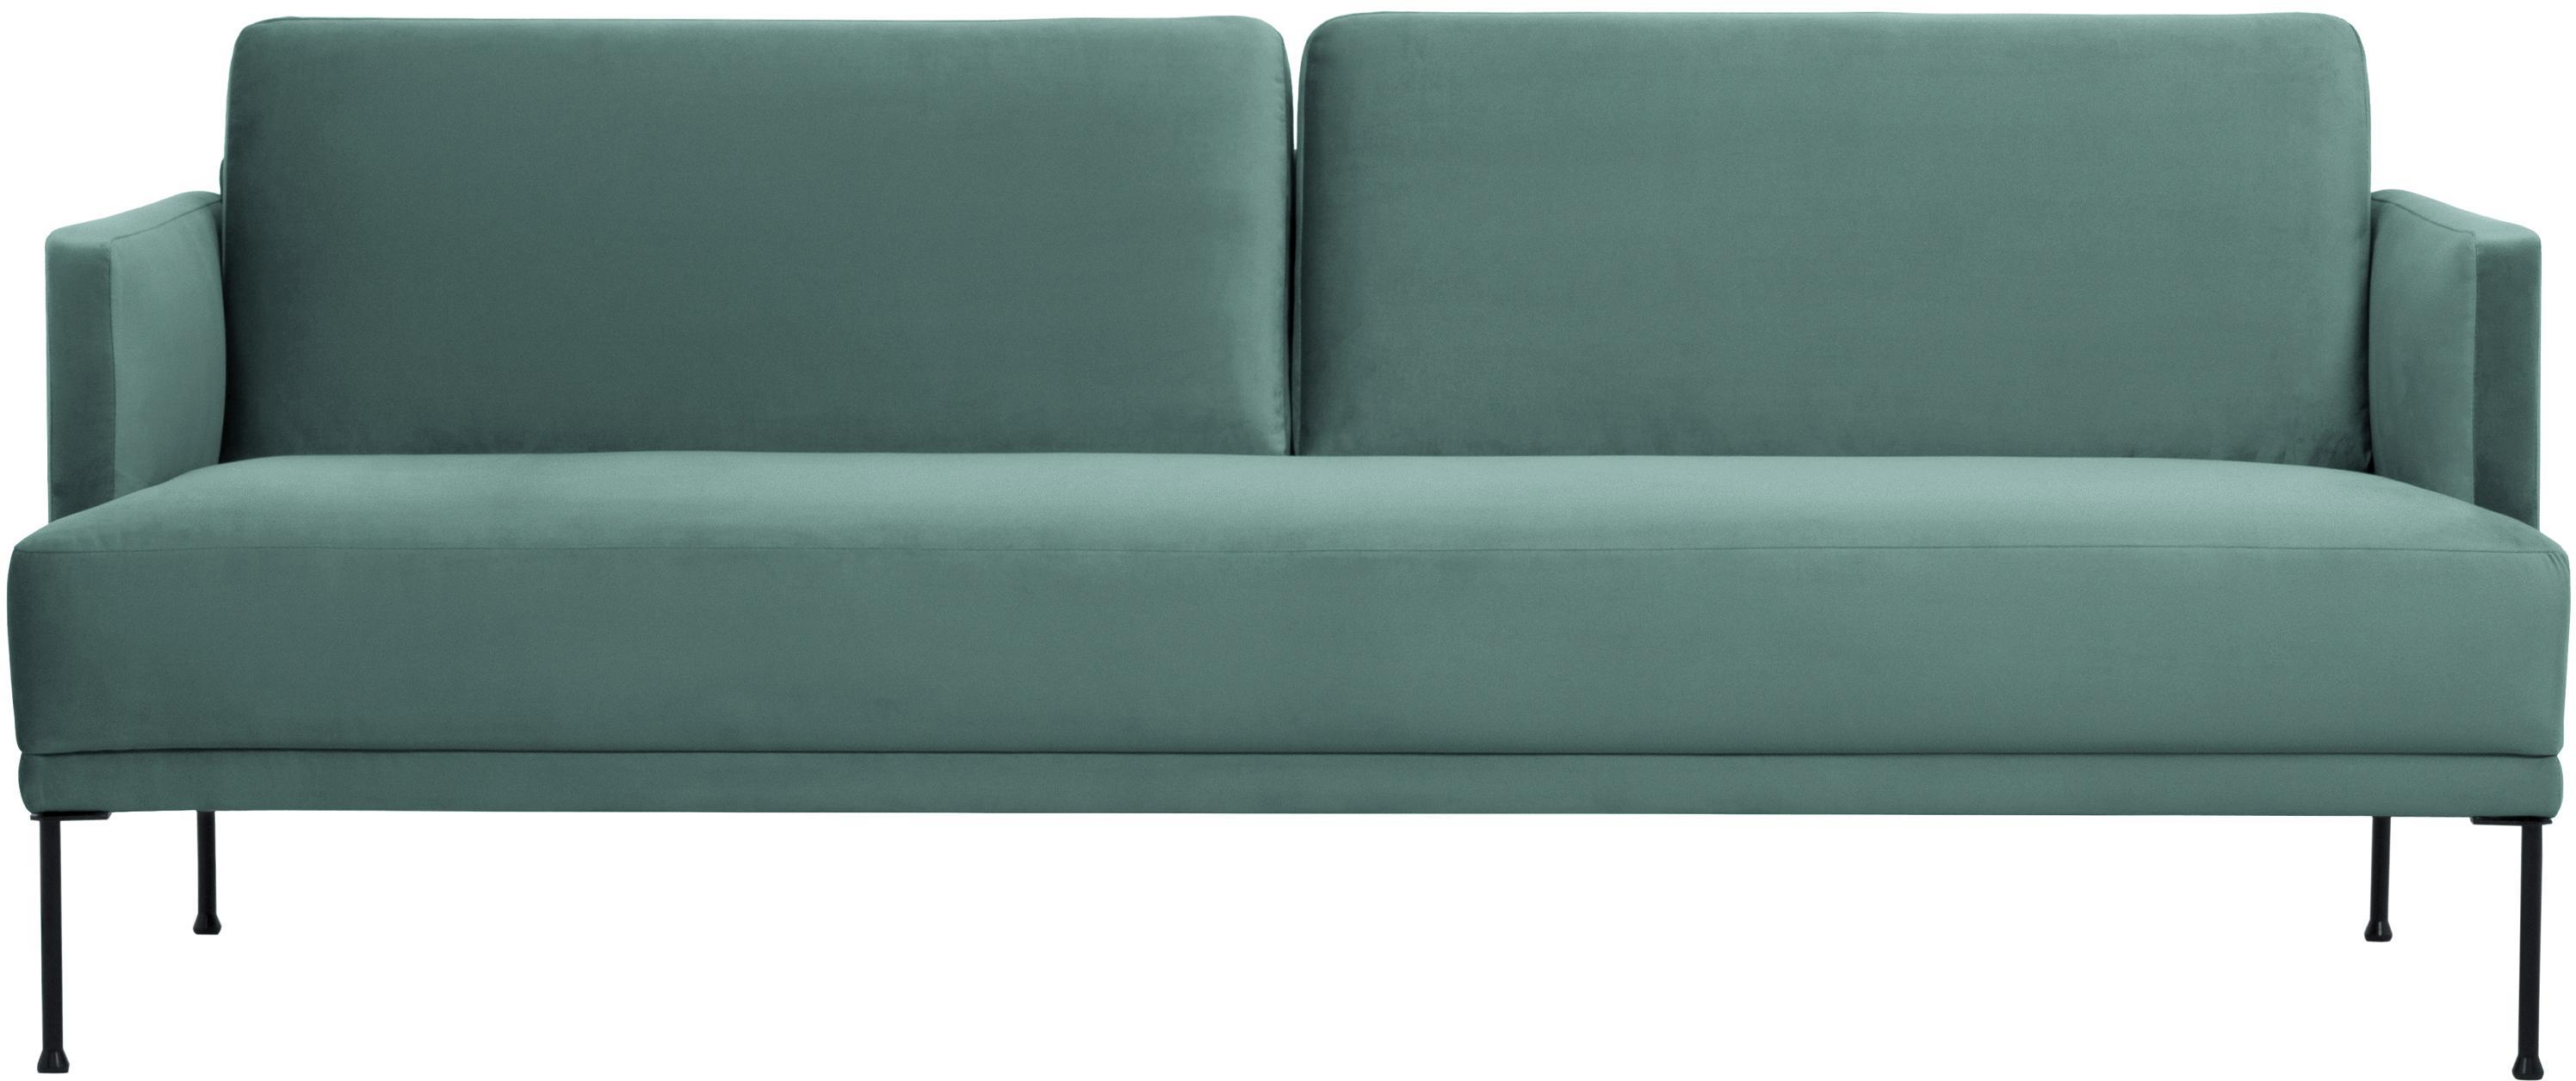 Samt-Sofa Fluente (3-Sitzer), Bezug: Samt (Hochwertiger Polyes, Gestell: Massives Kiefernholz, Füße: Metall, pulverbeschichtet, Samt Hellgrün, B 196 x T 85 cm